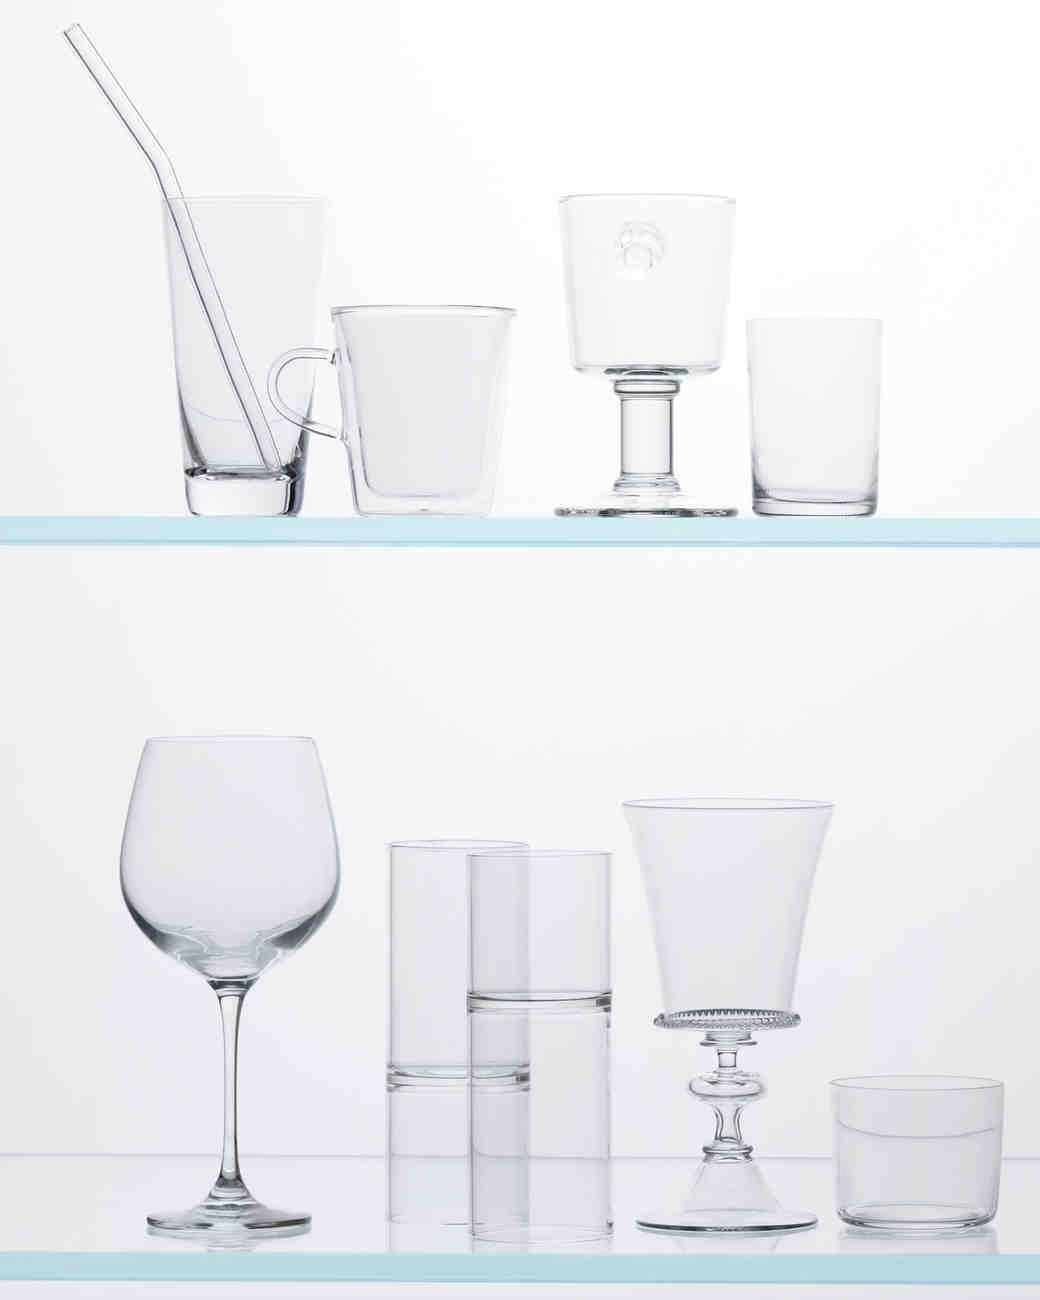 glass-glossary-mwd109328.jpg